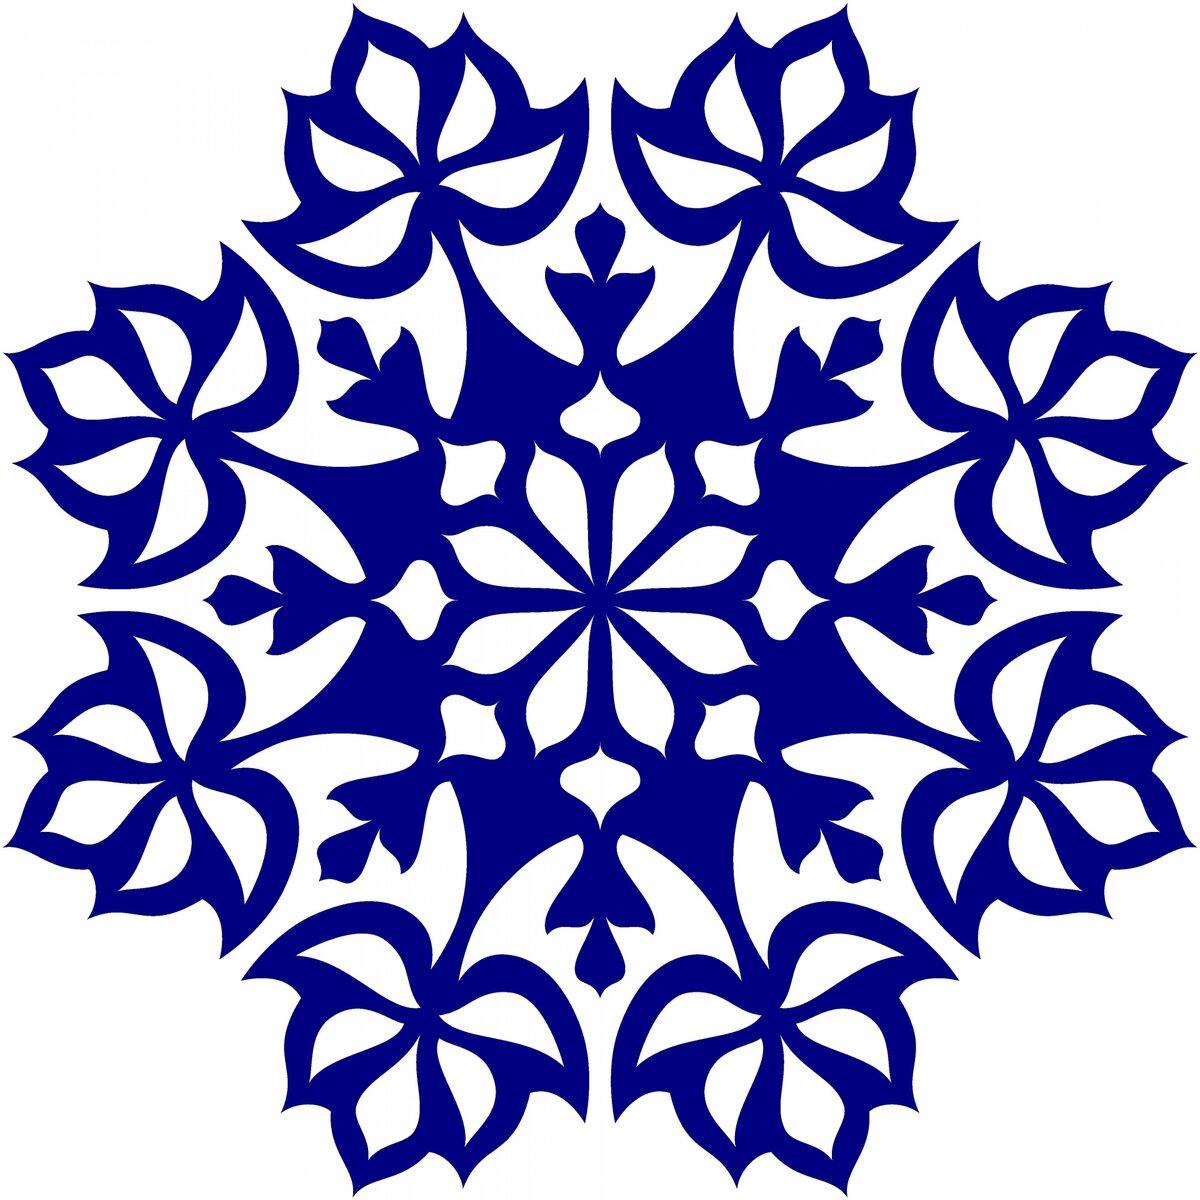 Картинки голубых снежинок для распечатки